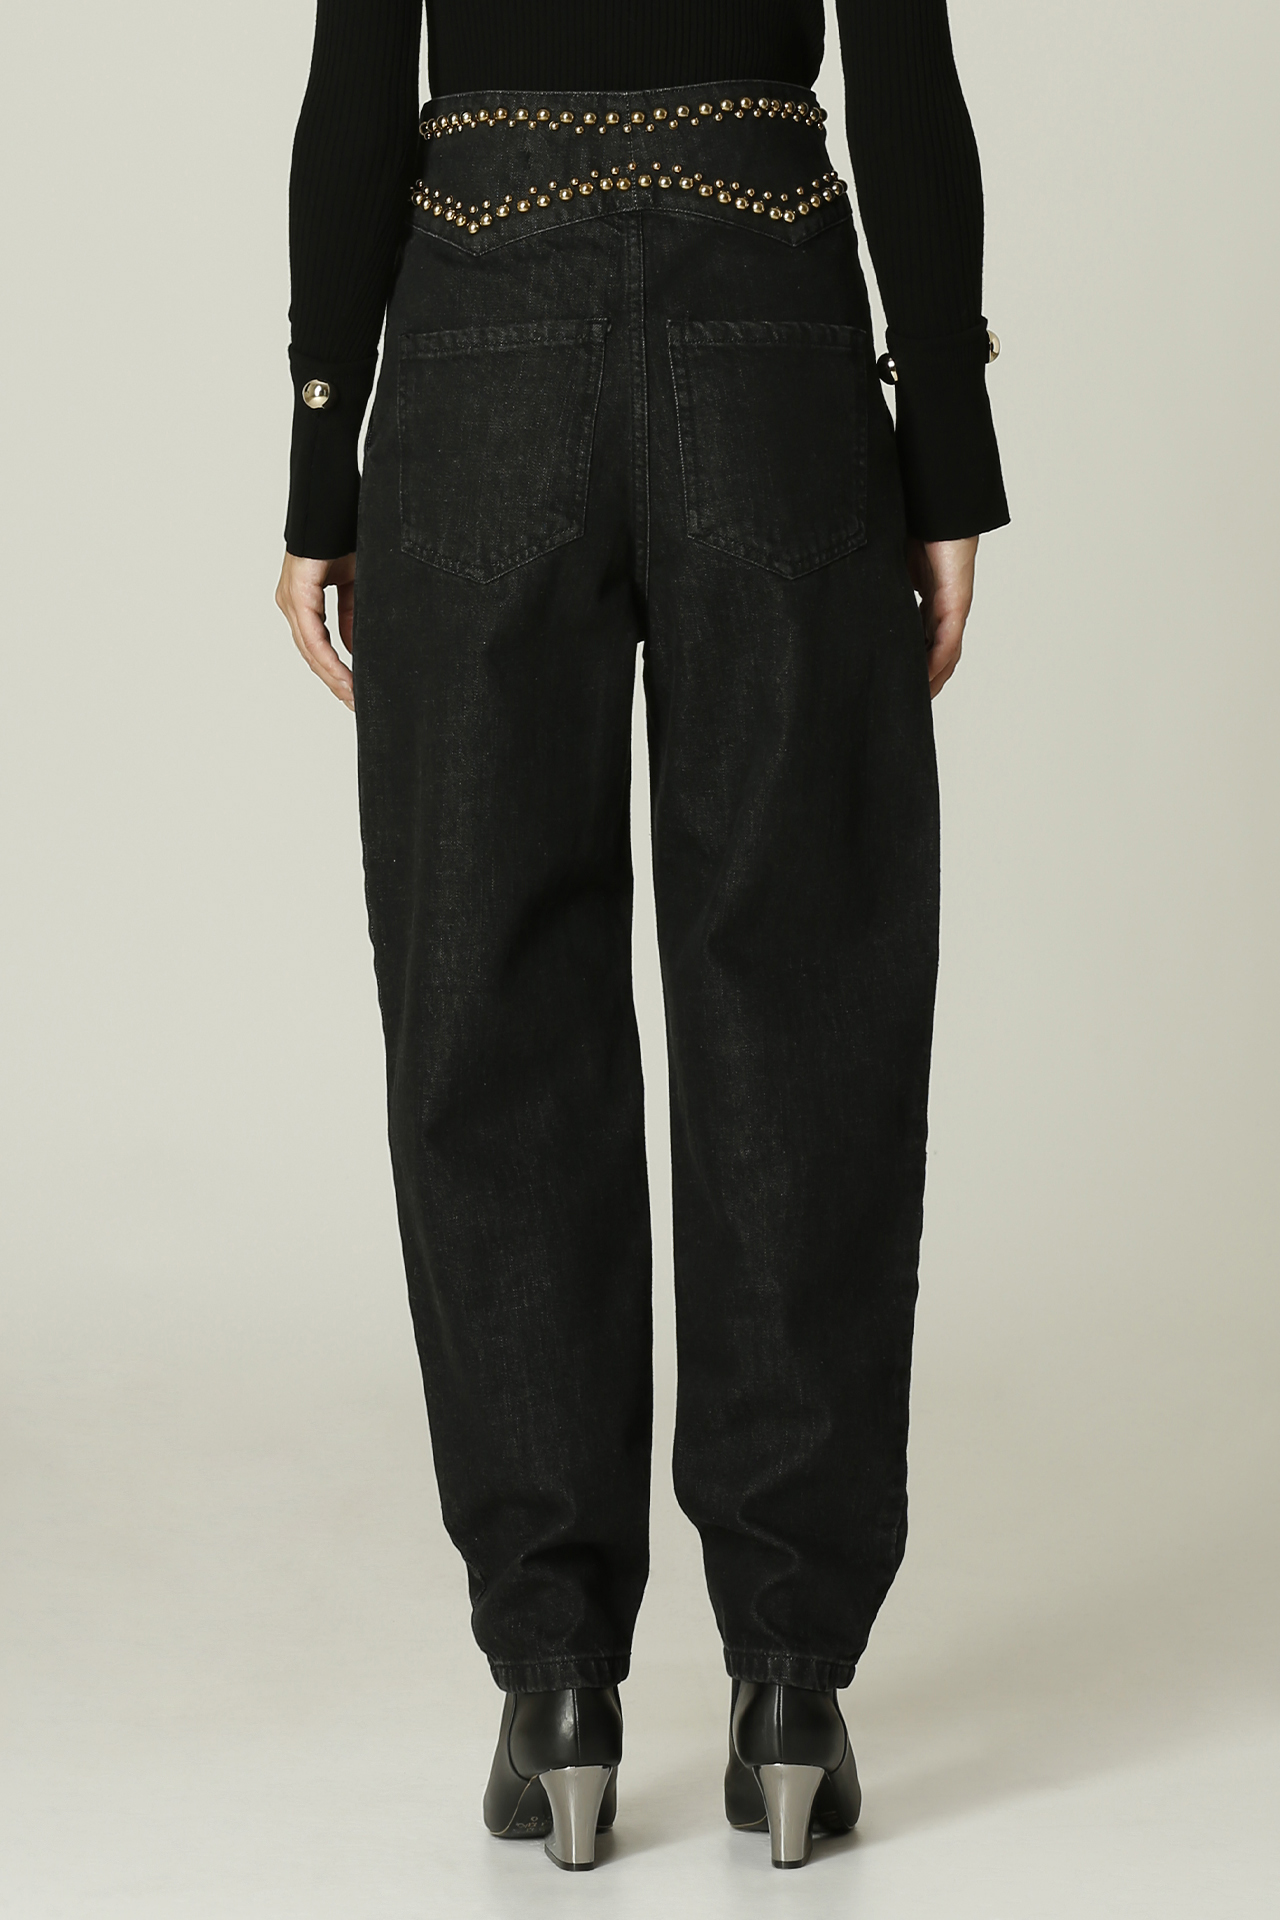 Jeans con borchie SIMONA CORSELLINI   Jeans   A21CPOAD06NERO